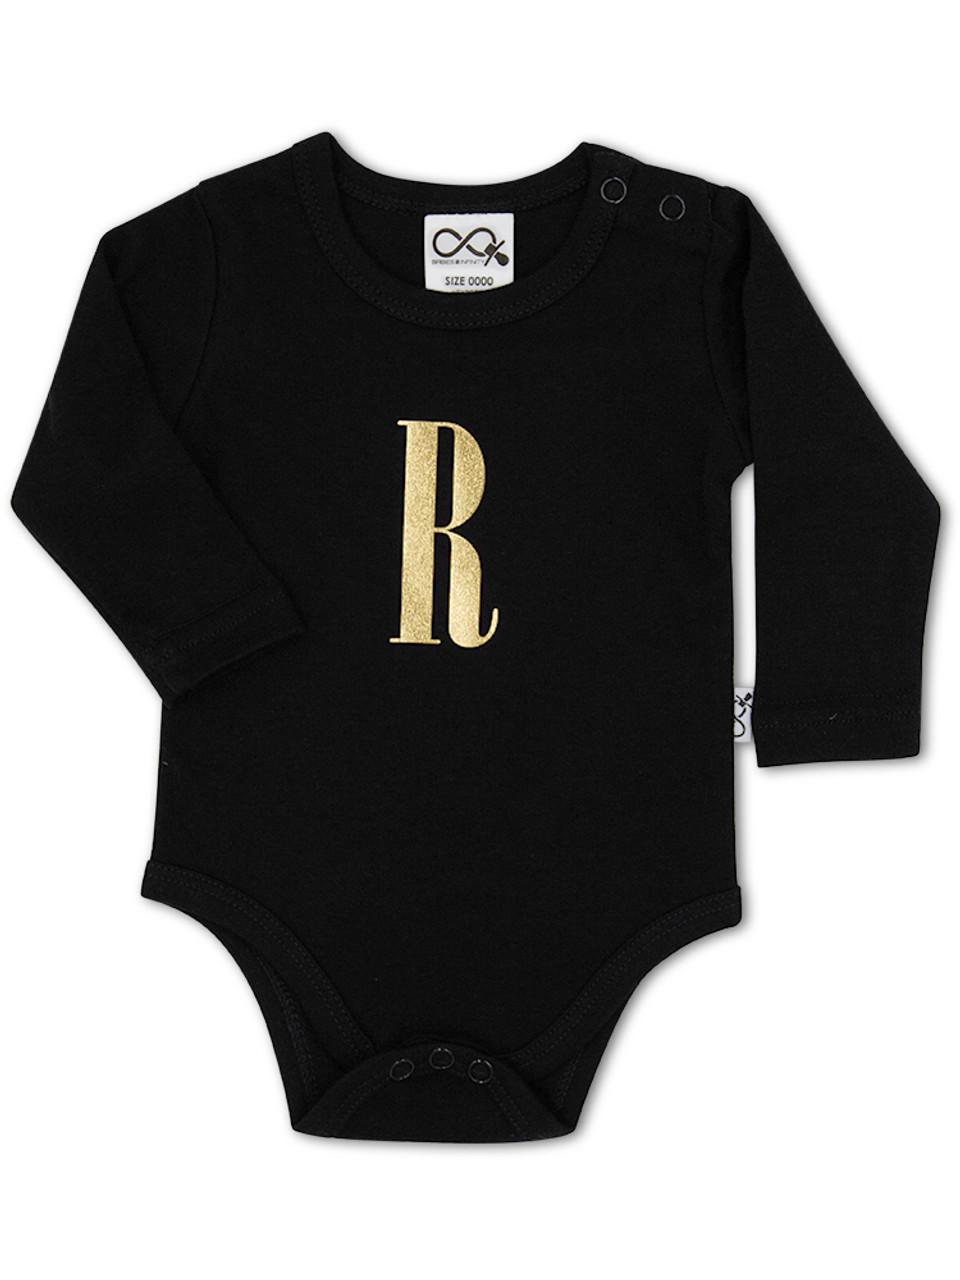 9dcb1167 Personalised Baby Onesie Personalised Kids Tshirt